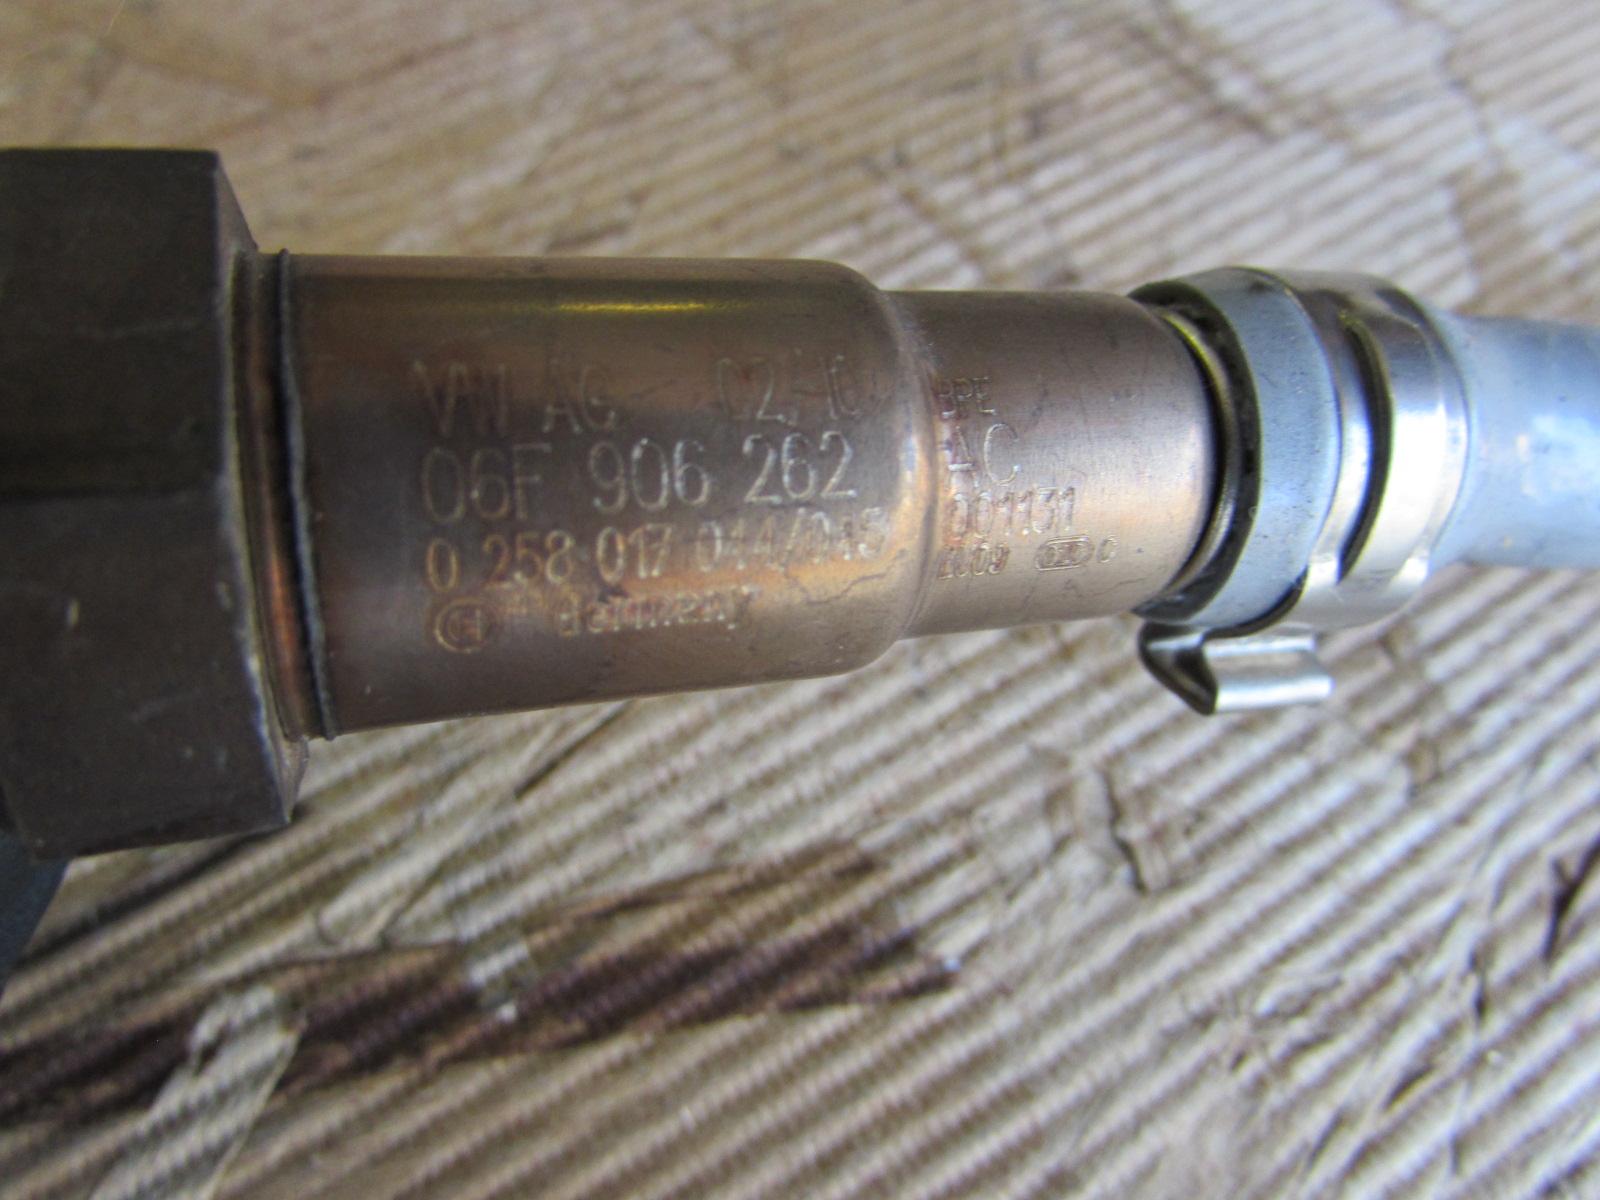 Audi Tt Mk2 8j Oem Oxygen O2 Sensor 5 Wire 06f906262ac Vw Jetta 2006 Passat Ac Wiring Gti Eos